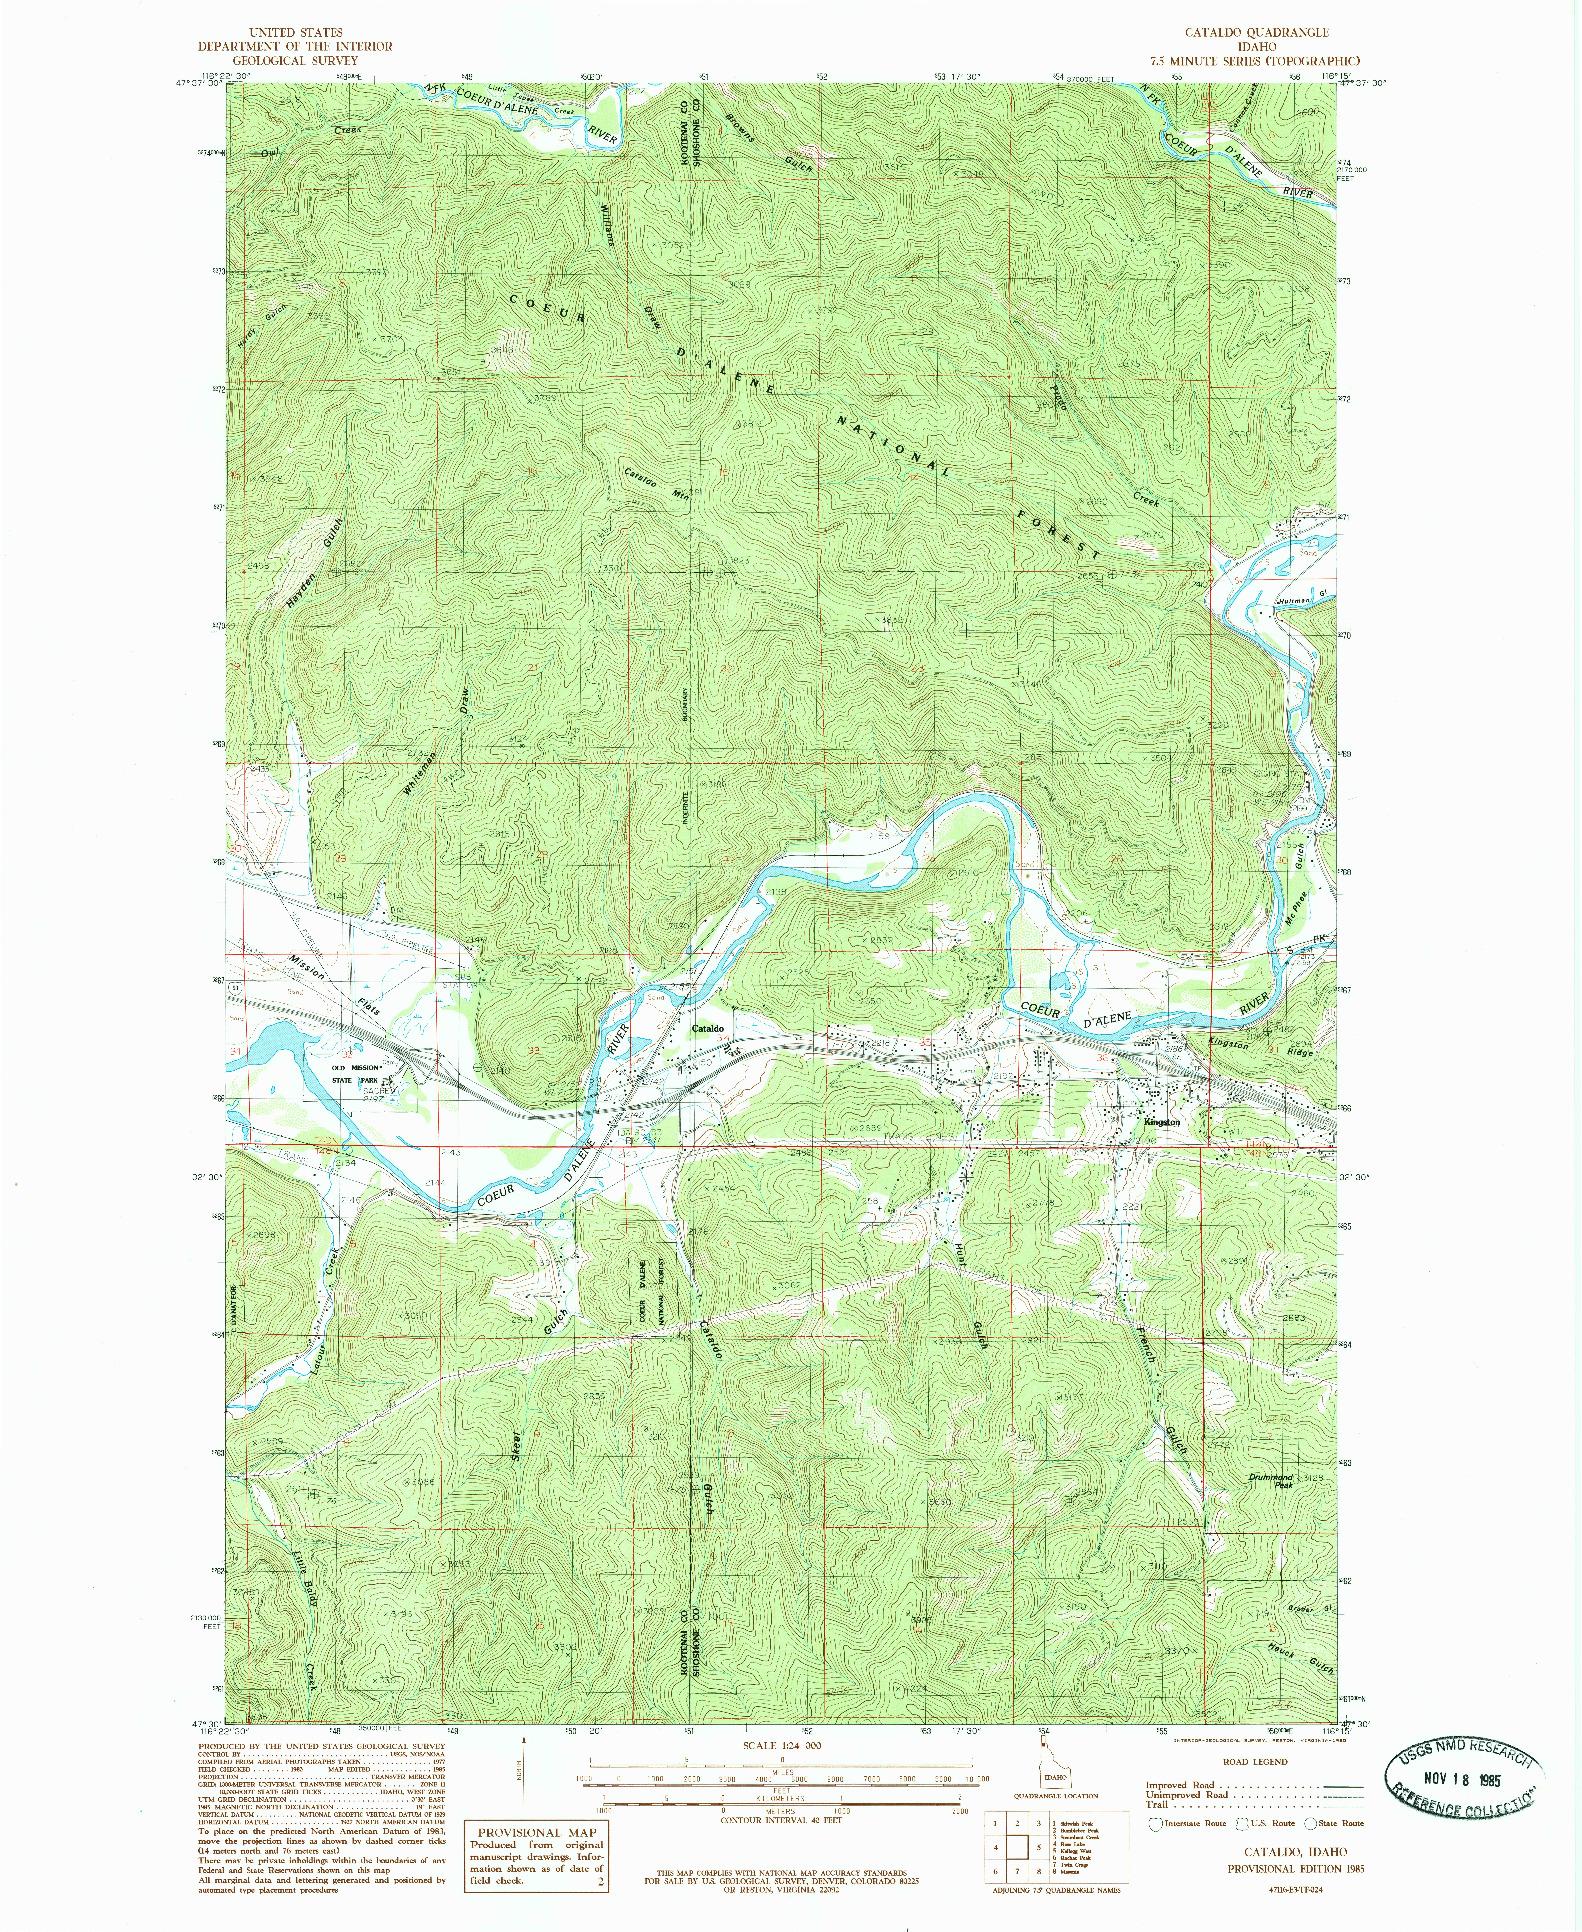 USGS 1:24000-SCALE QUADRANGLE FOR CATALDO, ID 1985